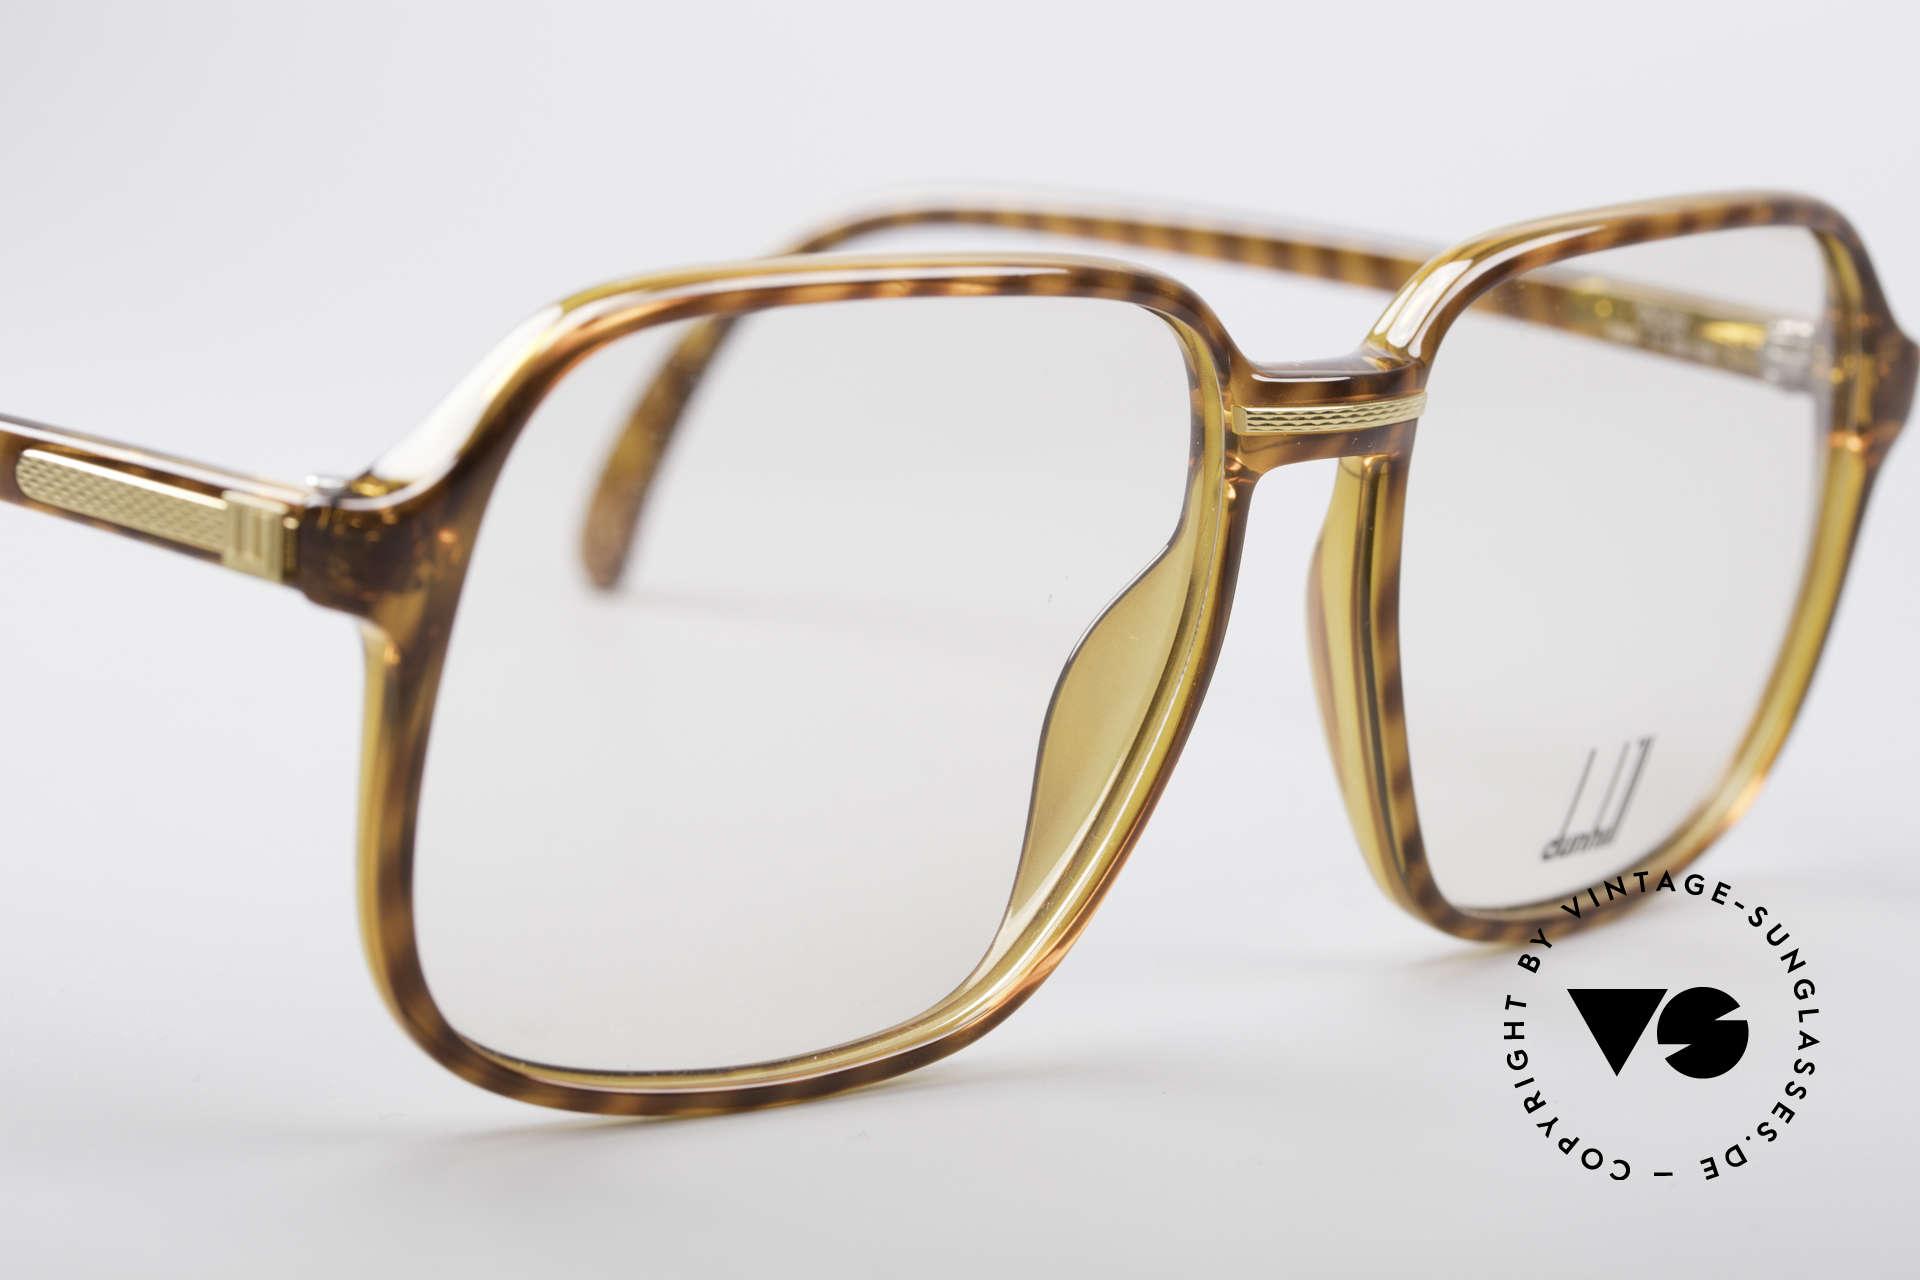 Dunhill 6060 Klassische 80er Brille Vintage, unbenutzt (wie alle unsere alten DUNHILL Originale), Passend für Herren